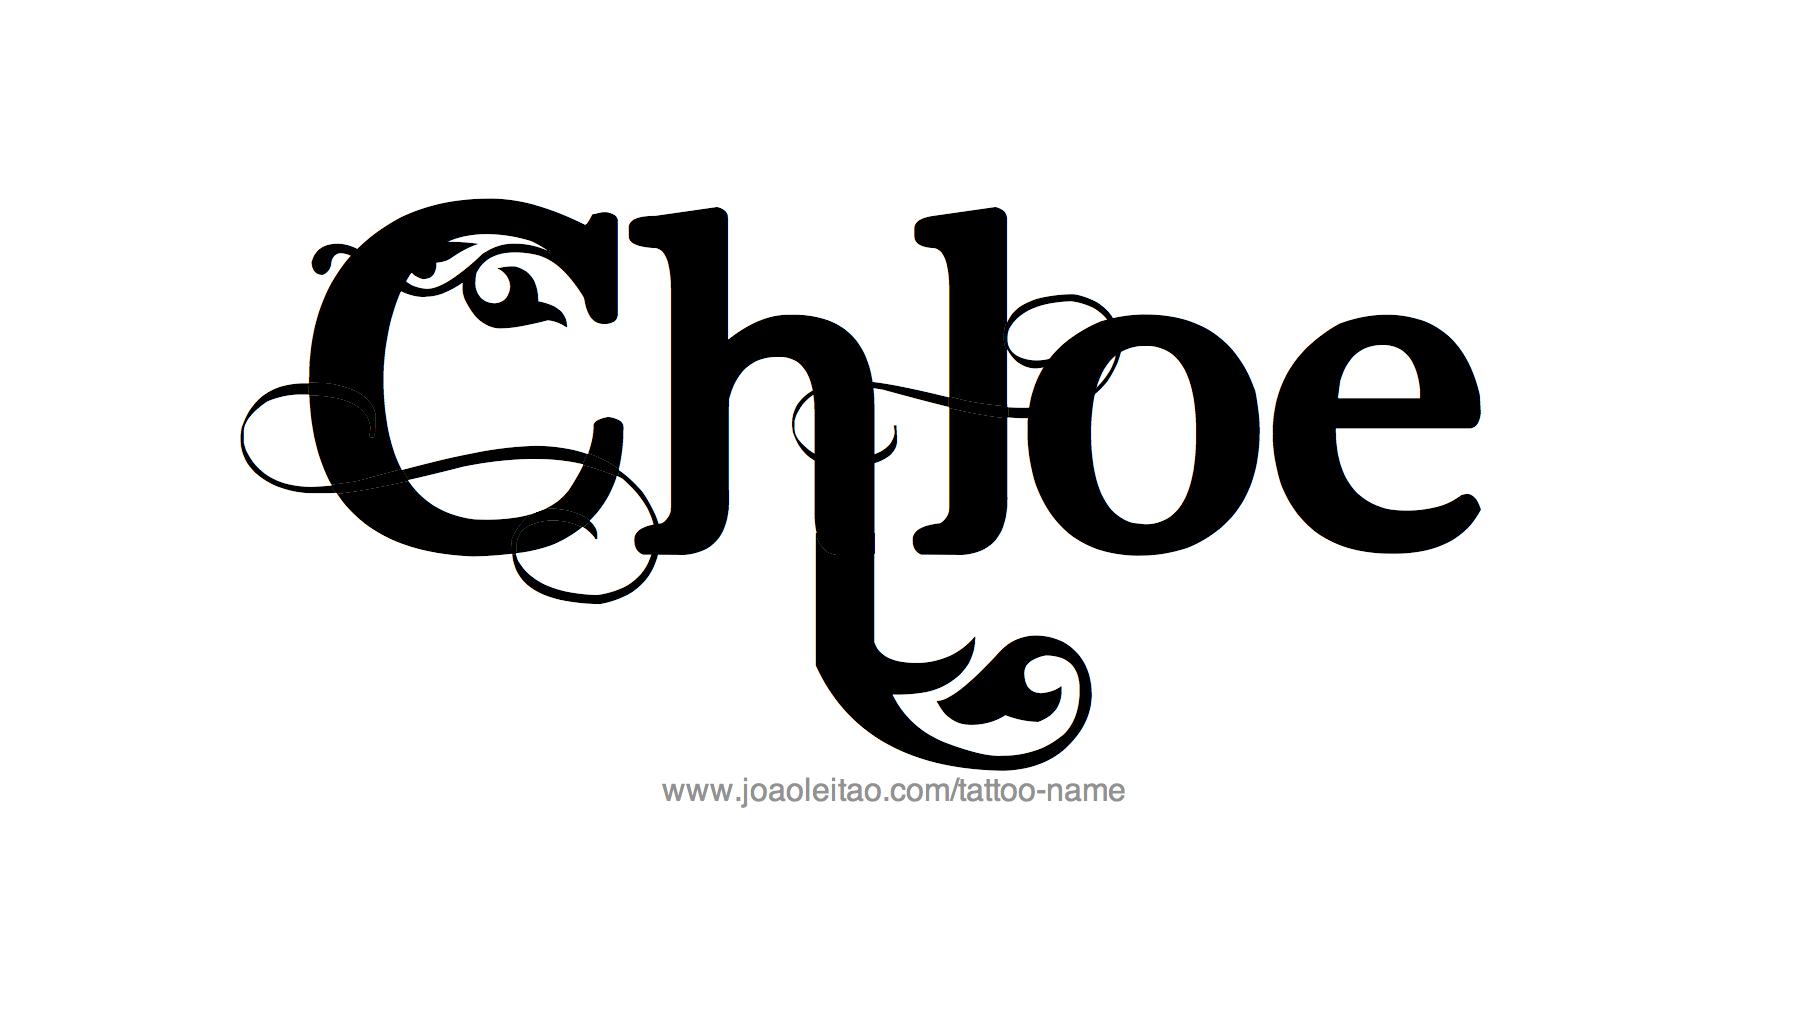 Chloe Name Tattoo Designs